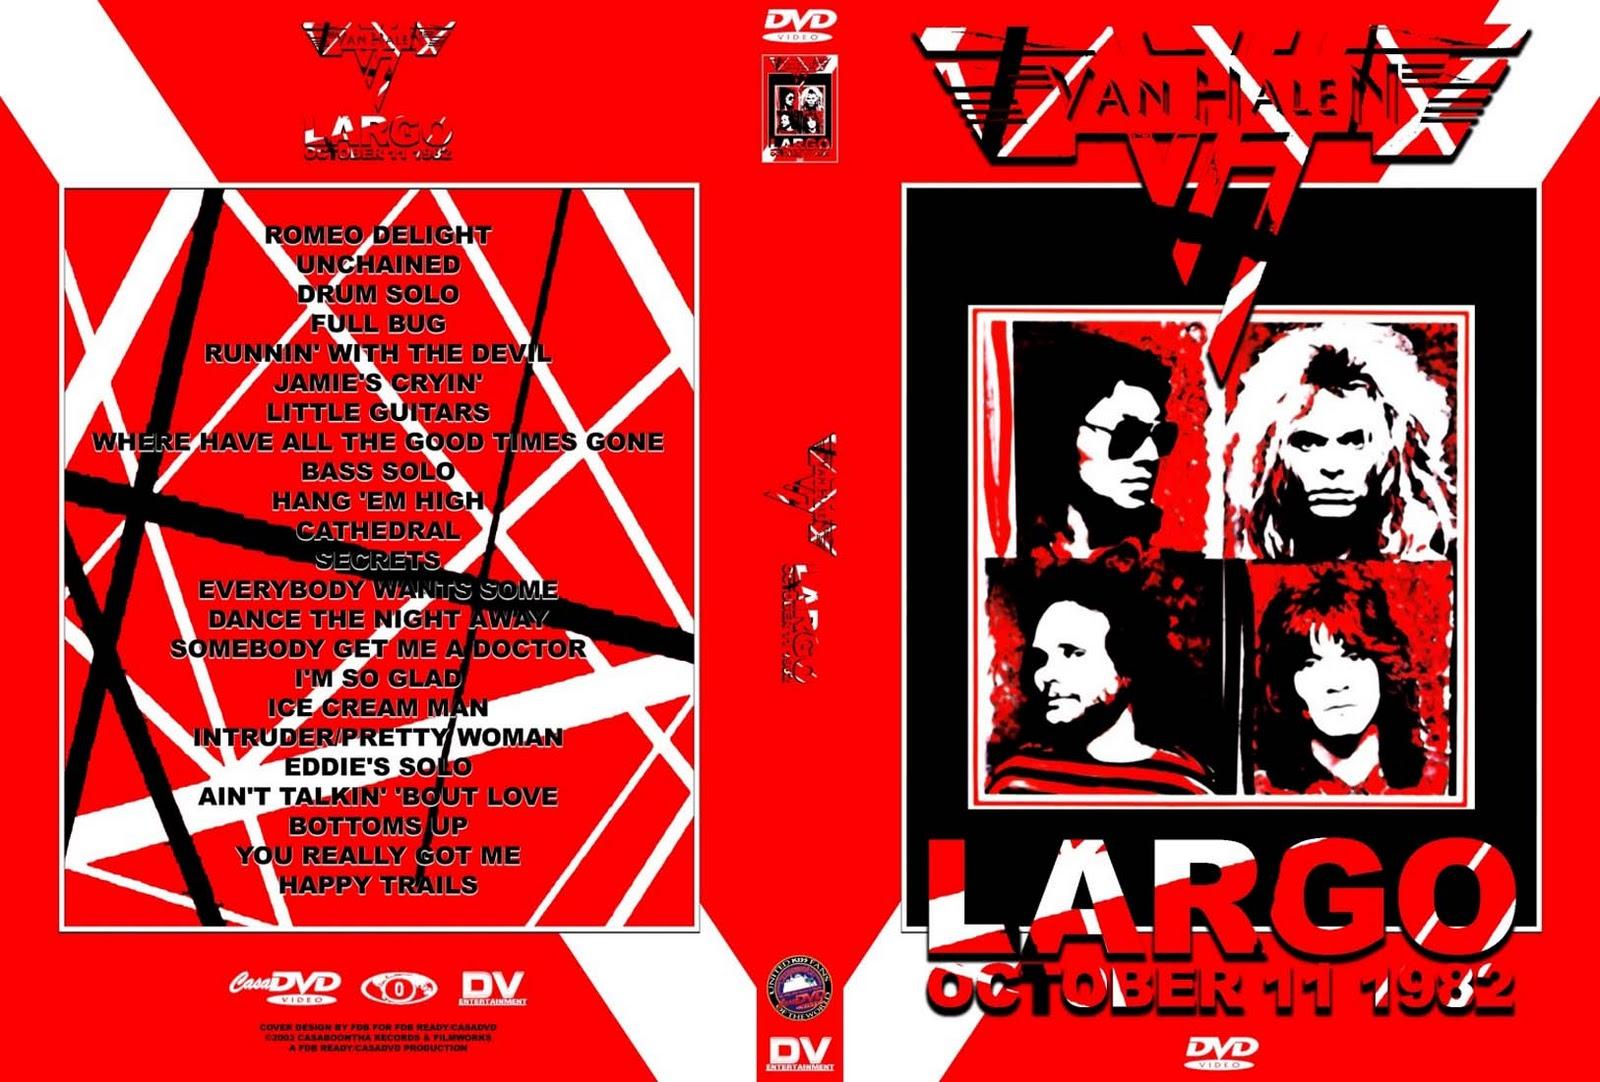 Conciertos desde el sofa de casa - Página 9 DVD+Cover+-+Van+Halen+1982-10-12+Largo%252C+MD